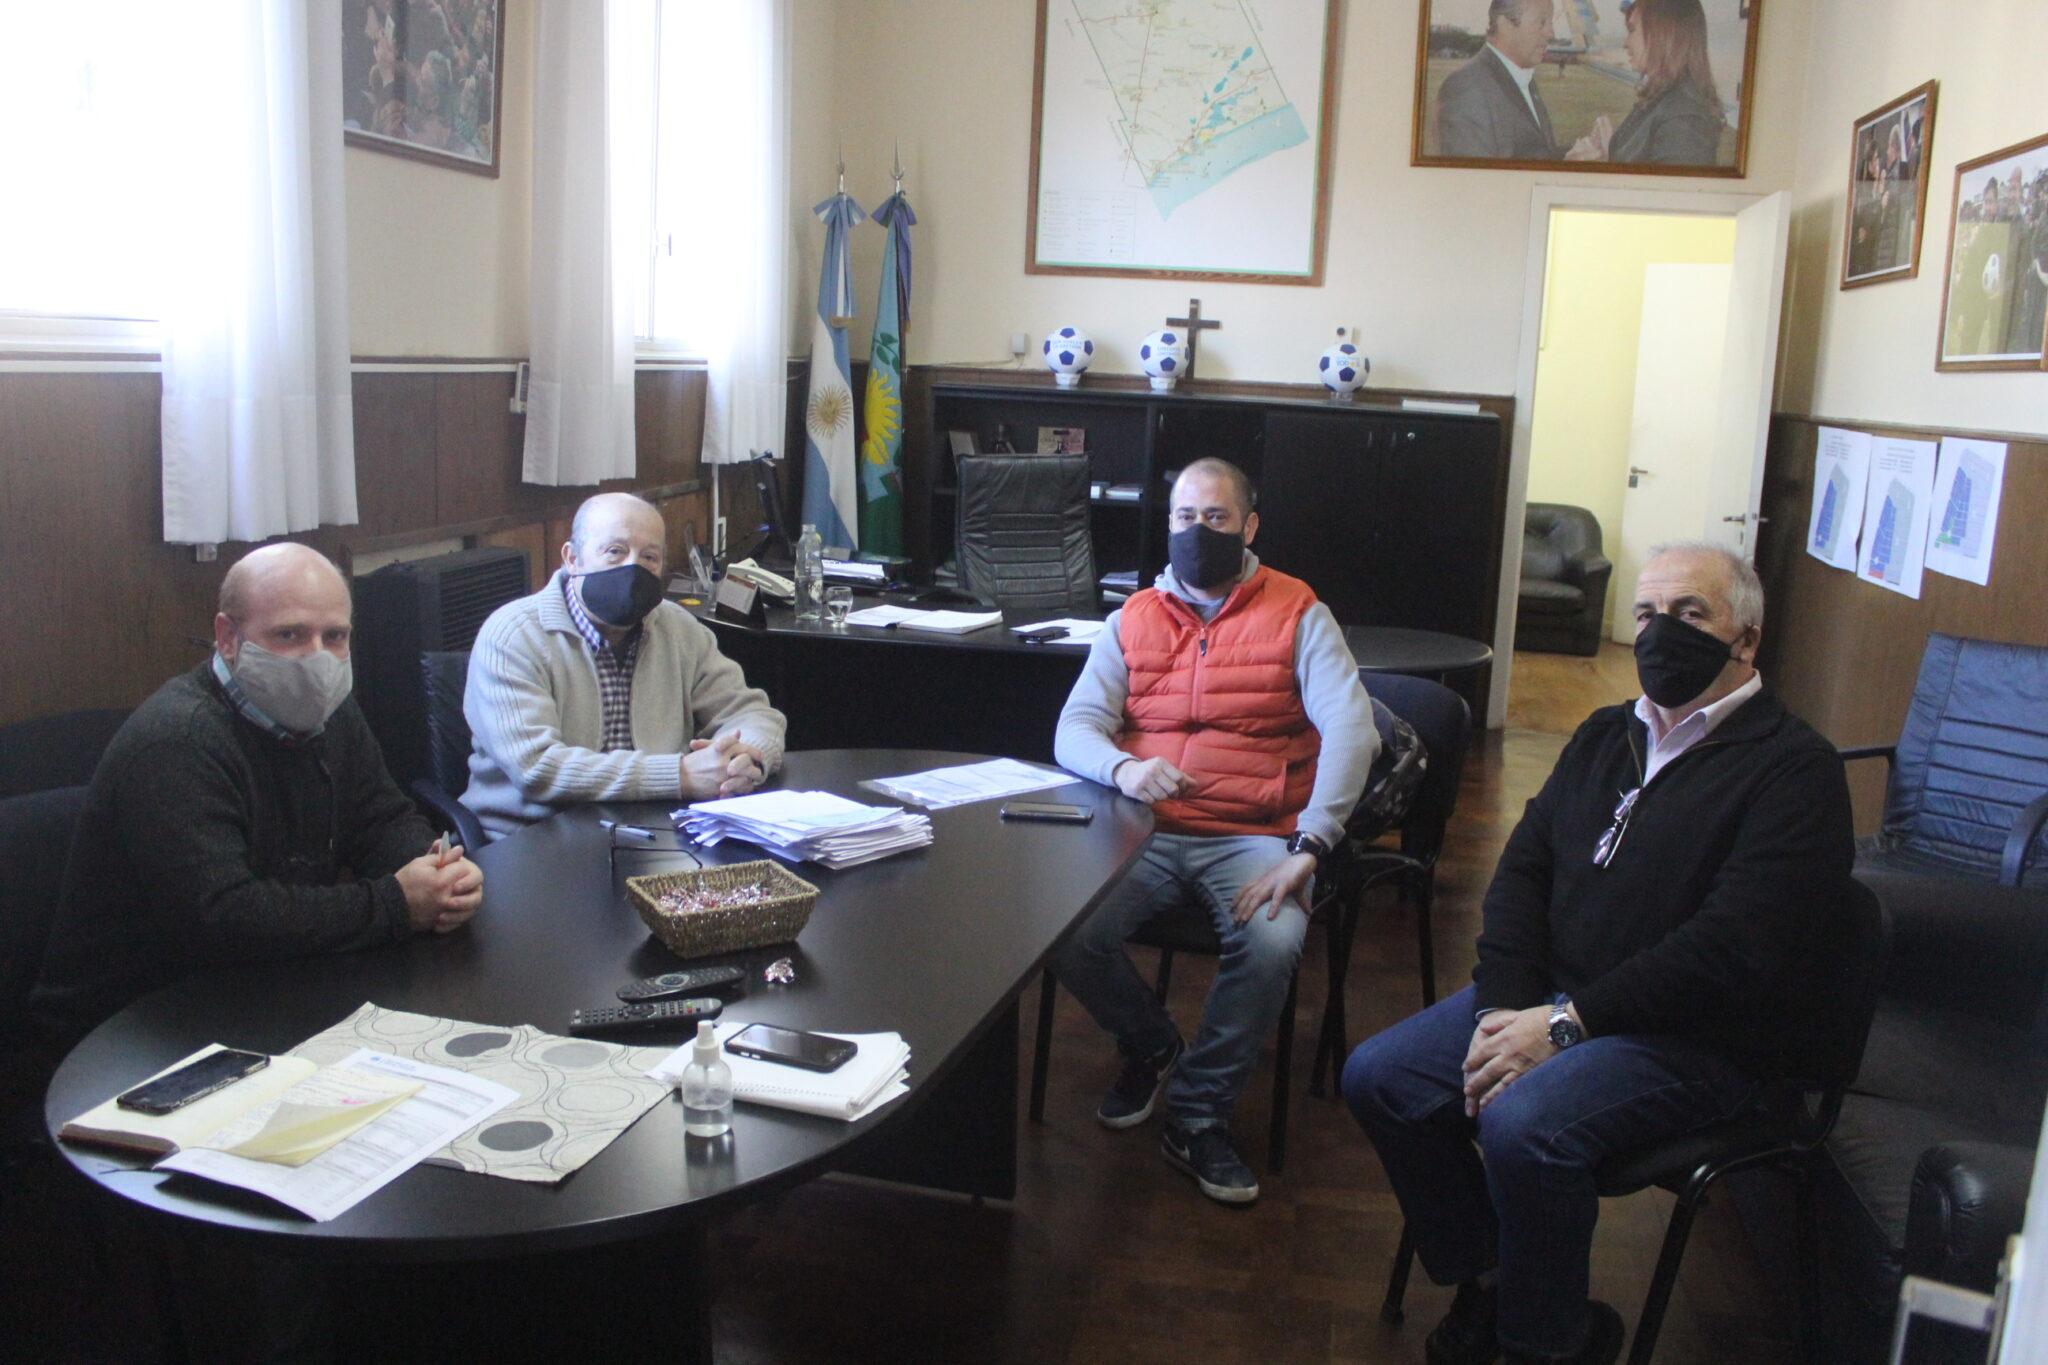 Apertura gastronómica: Paredi se reunió con Esteban Benítez, presidente de la Cámara de Comercio de Santa Clara del Mar y la costa